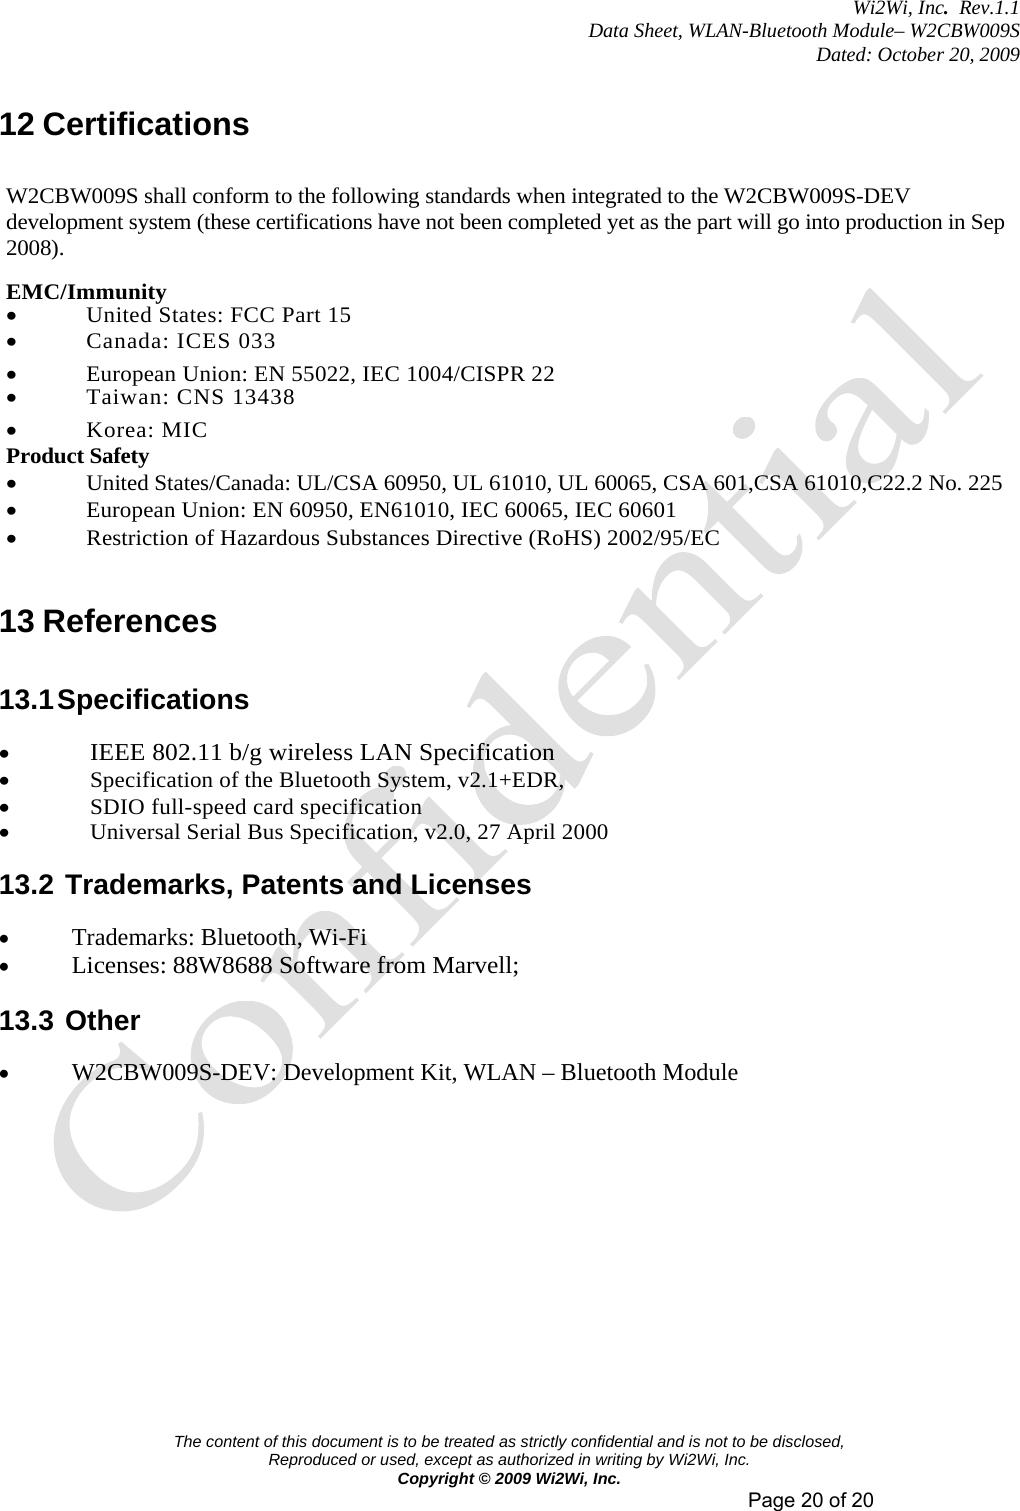 Wi2Wi W2CBW009S WLAN-Bluetooth Module User Manual W2CBW009S